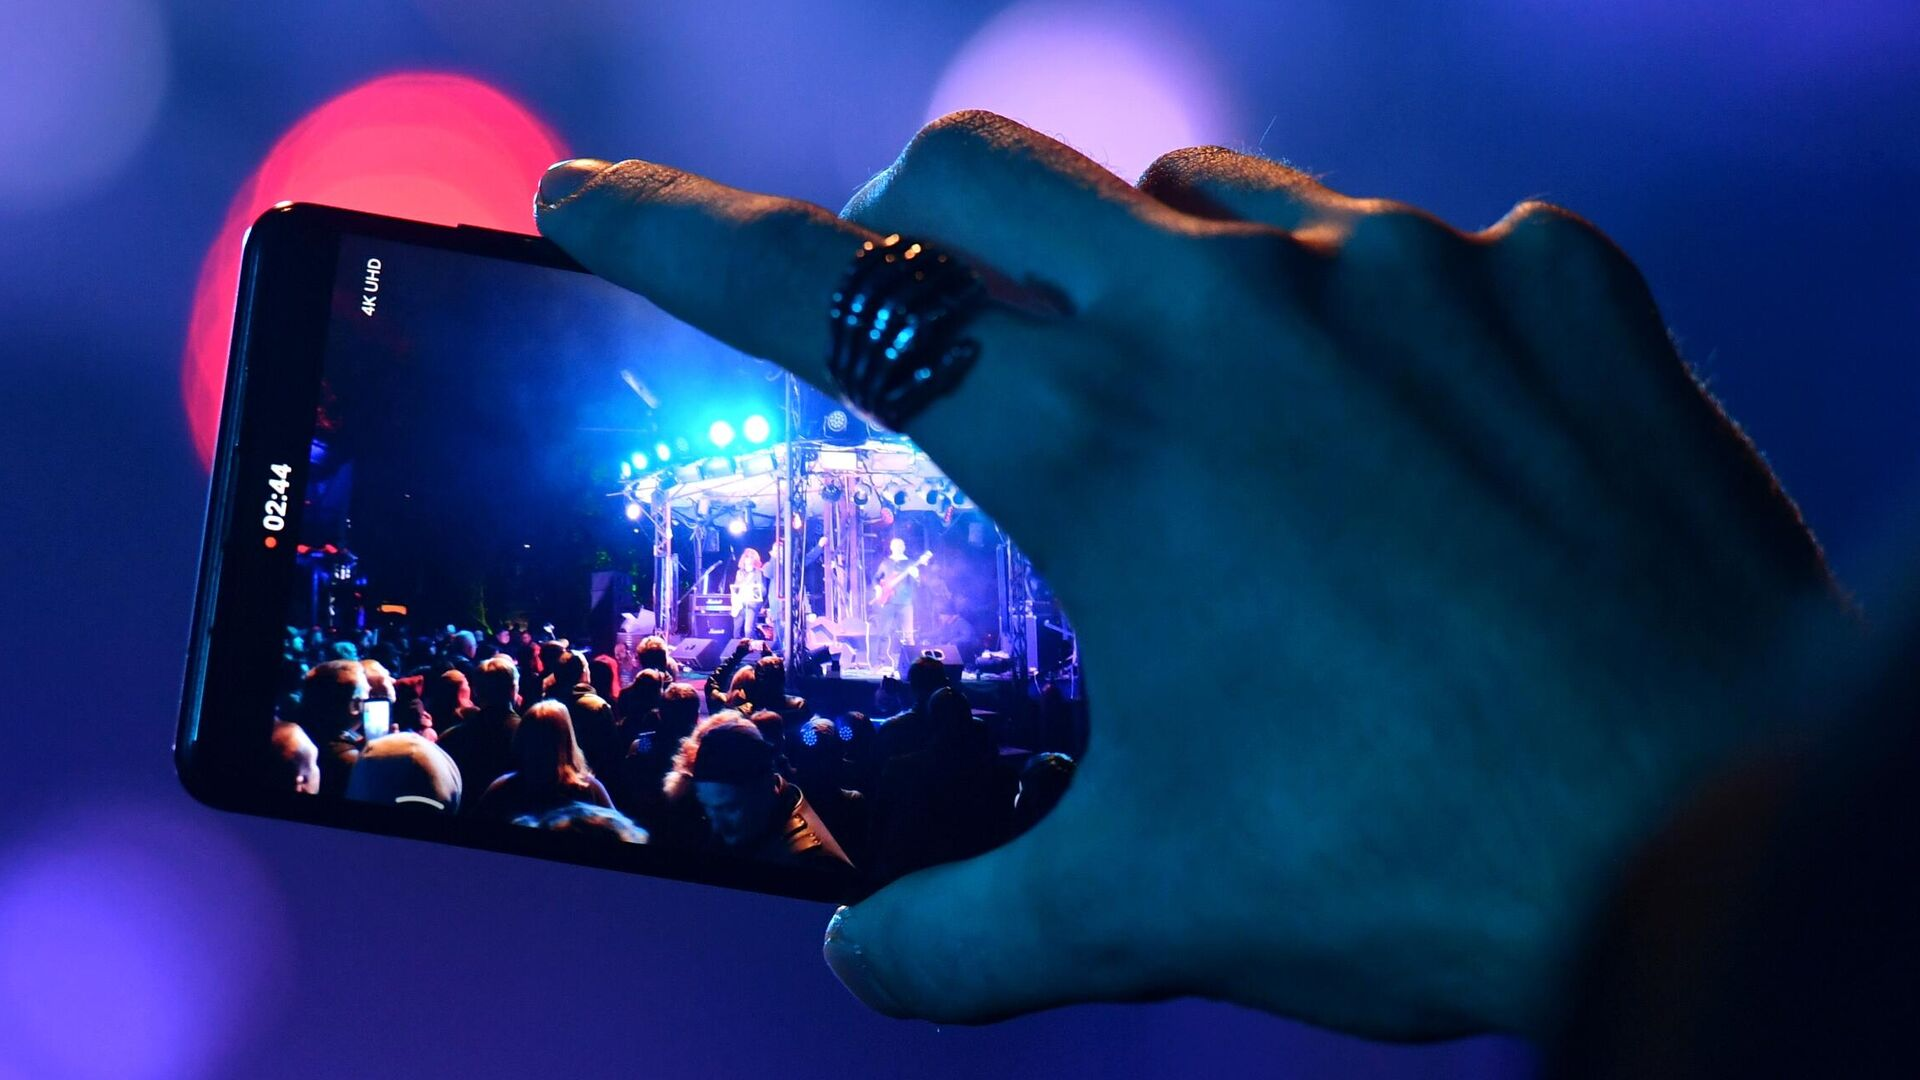 Зритель снимает на мобильный телефон выступление музыкантов на концерте - РИА Новости, 1920, 08.02.2021